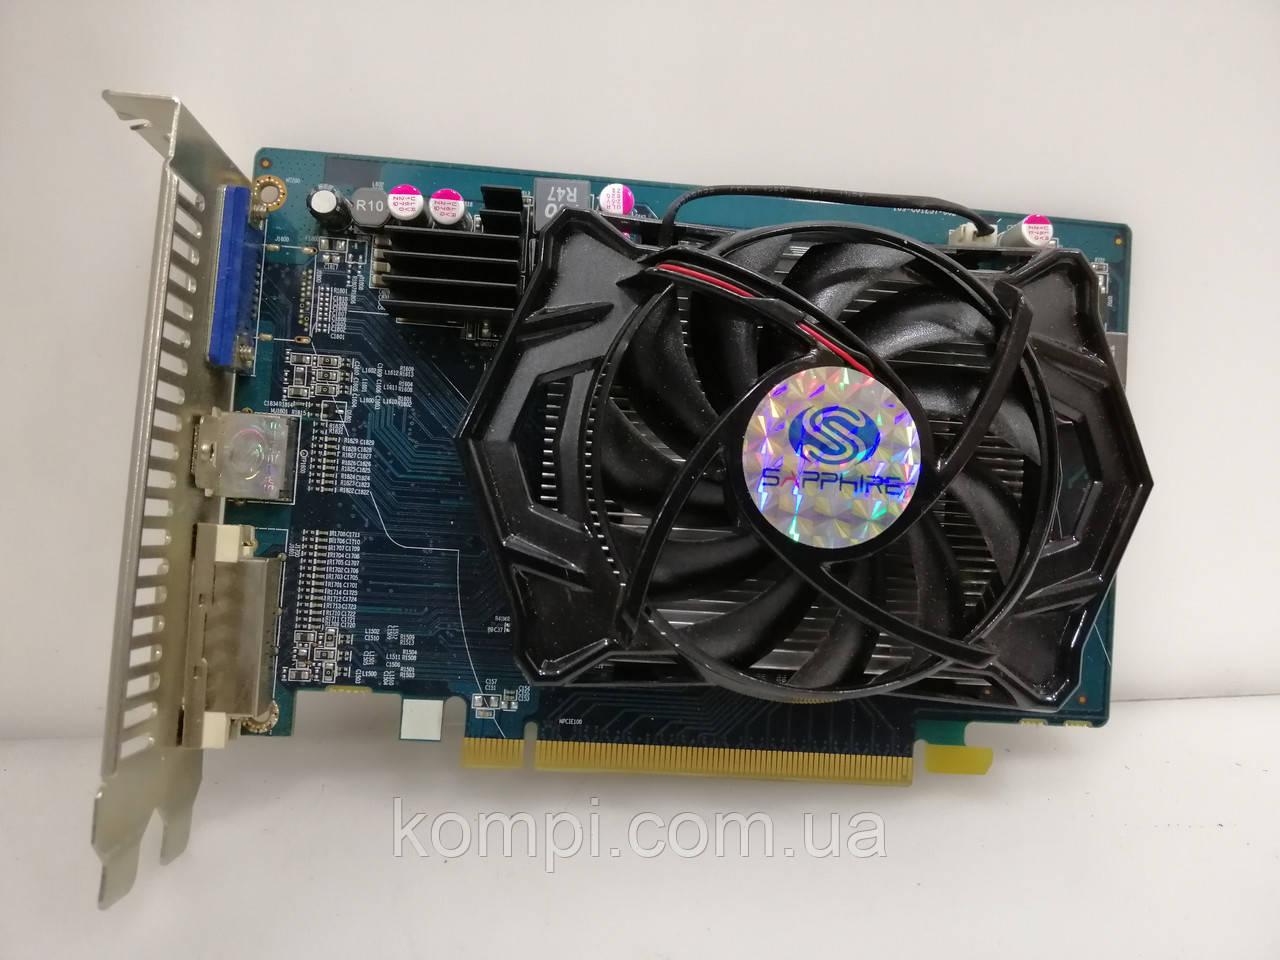 Видеокарта ATI Radeon HD 5670 512 PCI-E HDMI